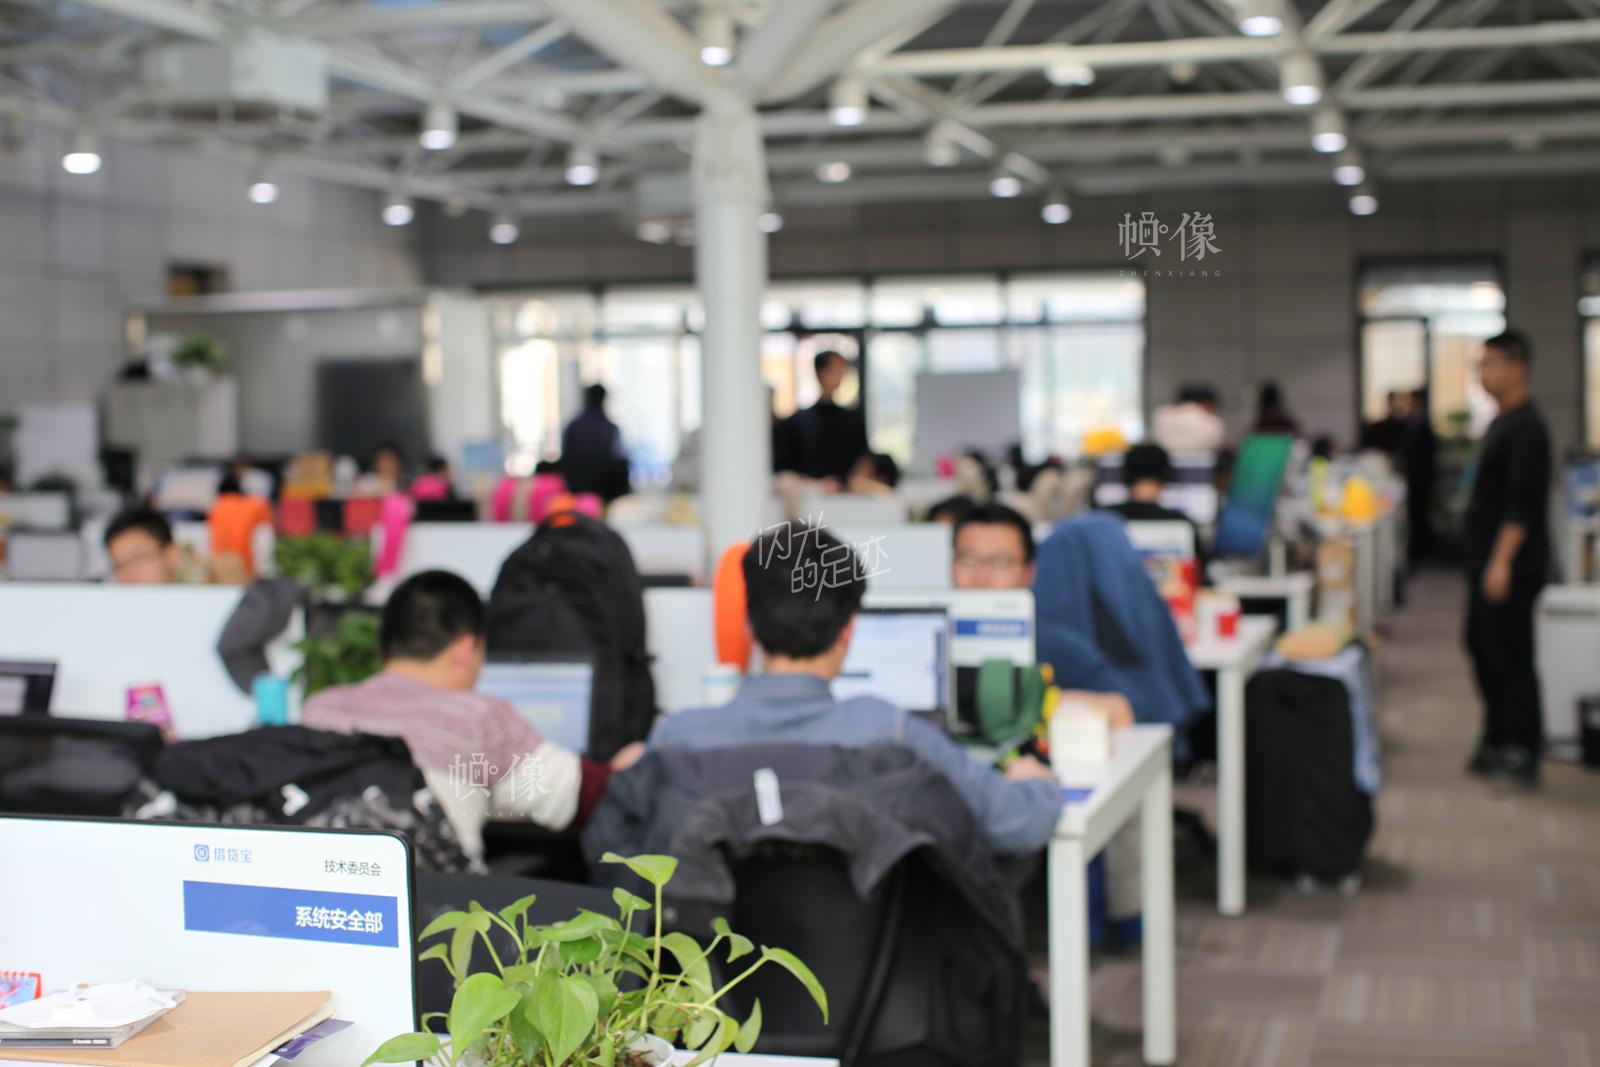 在一向注重信息安全的借贷宝公司,系统安全部是至关重要的部门。图为公司系统安全部员工日常上班。中国网记者-赵超-摄